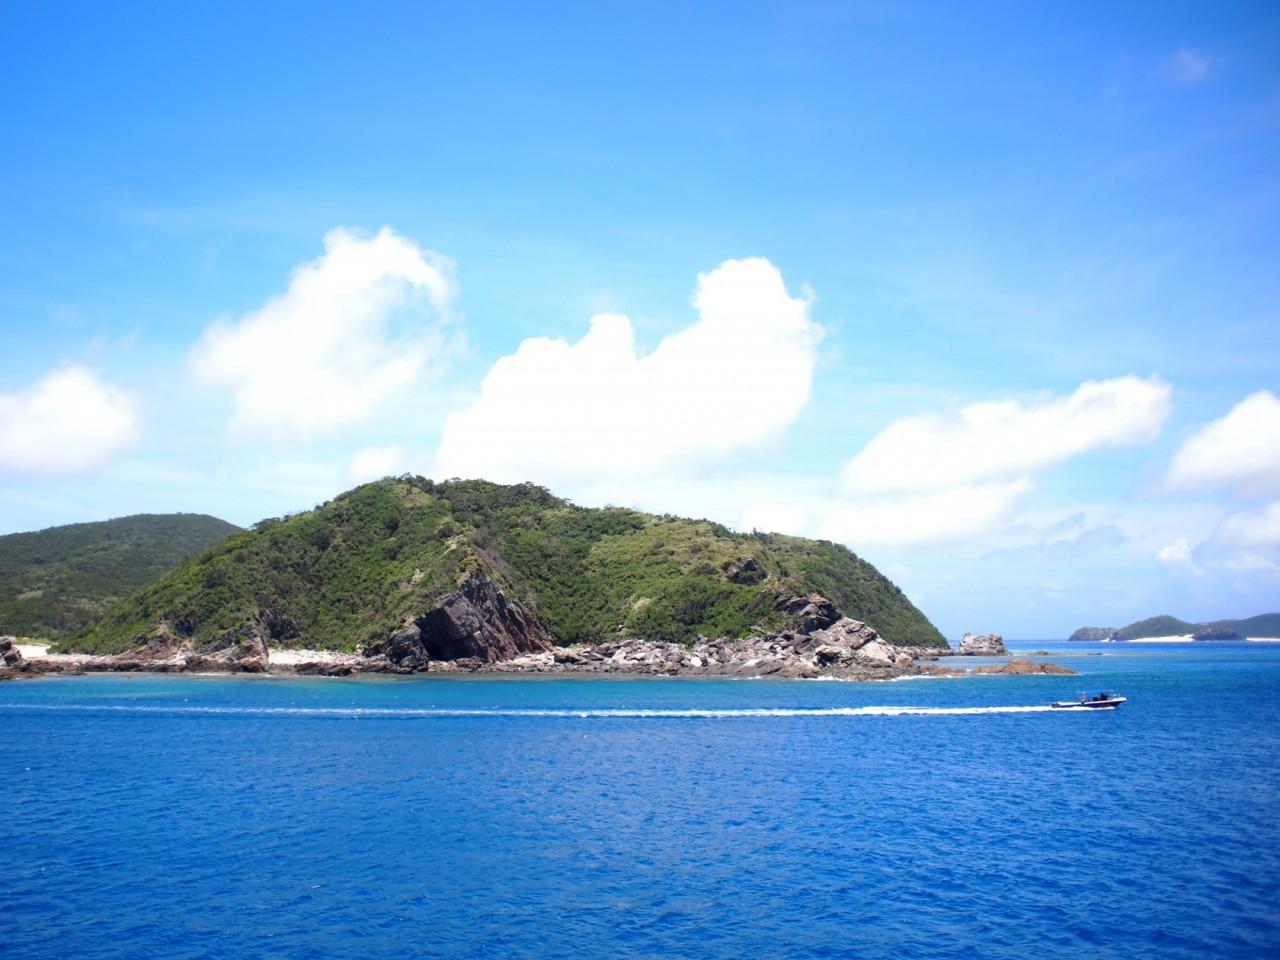 ひとり旅好き女子の目に映った、座間味島という島のこと。